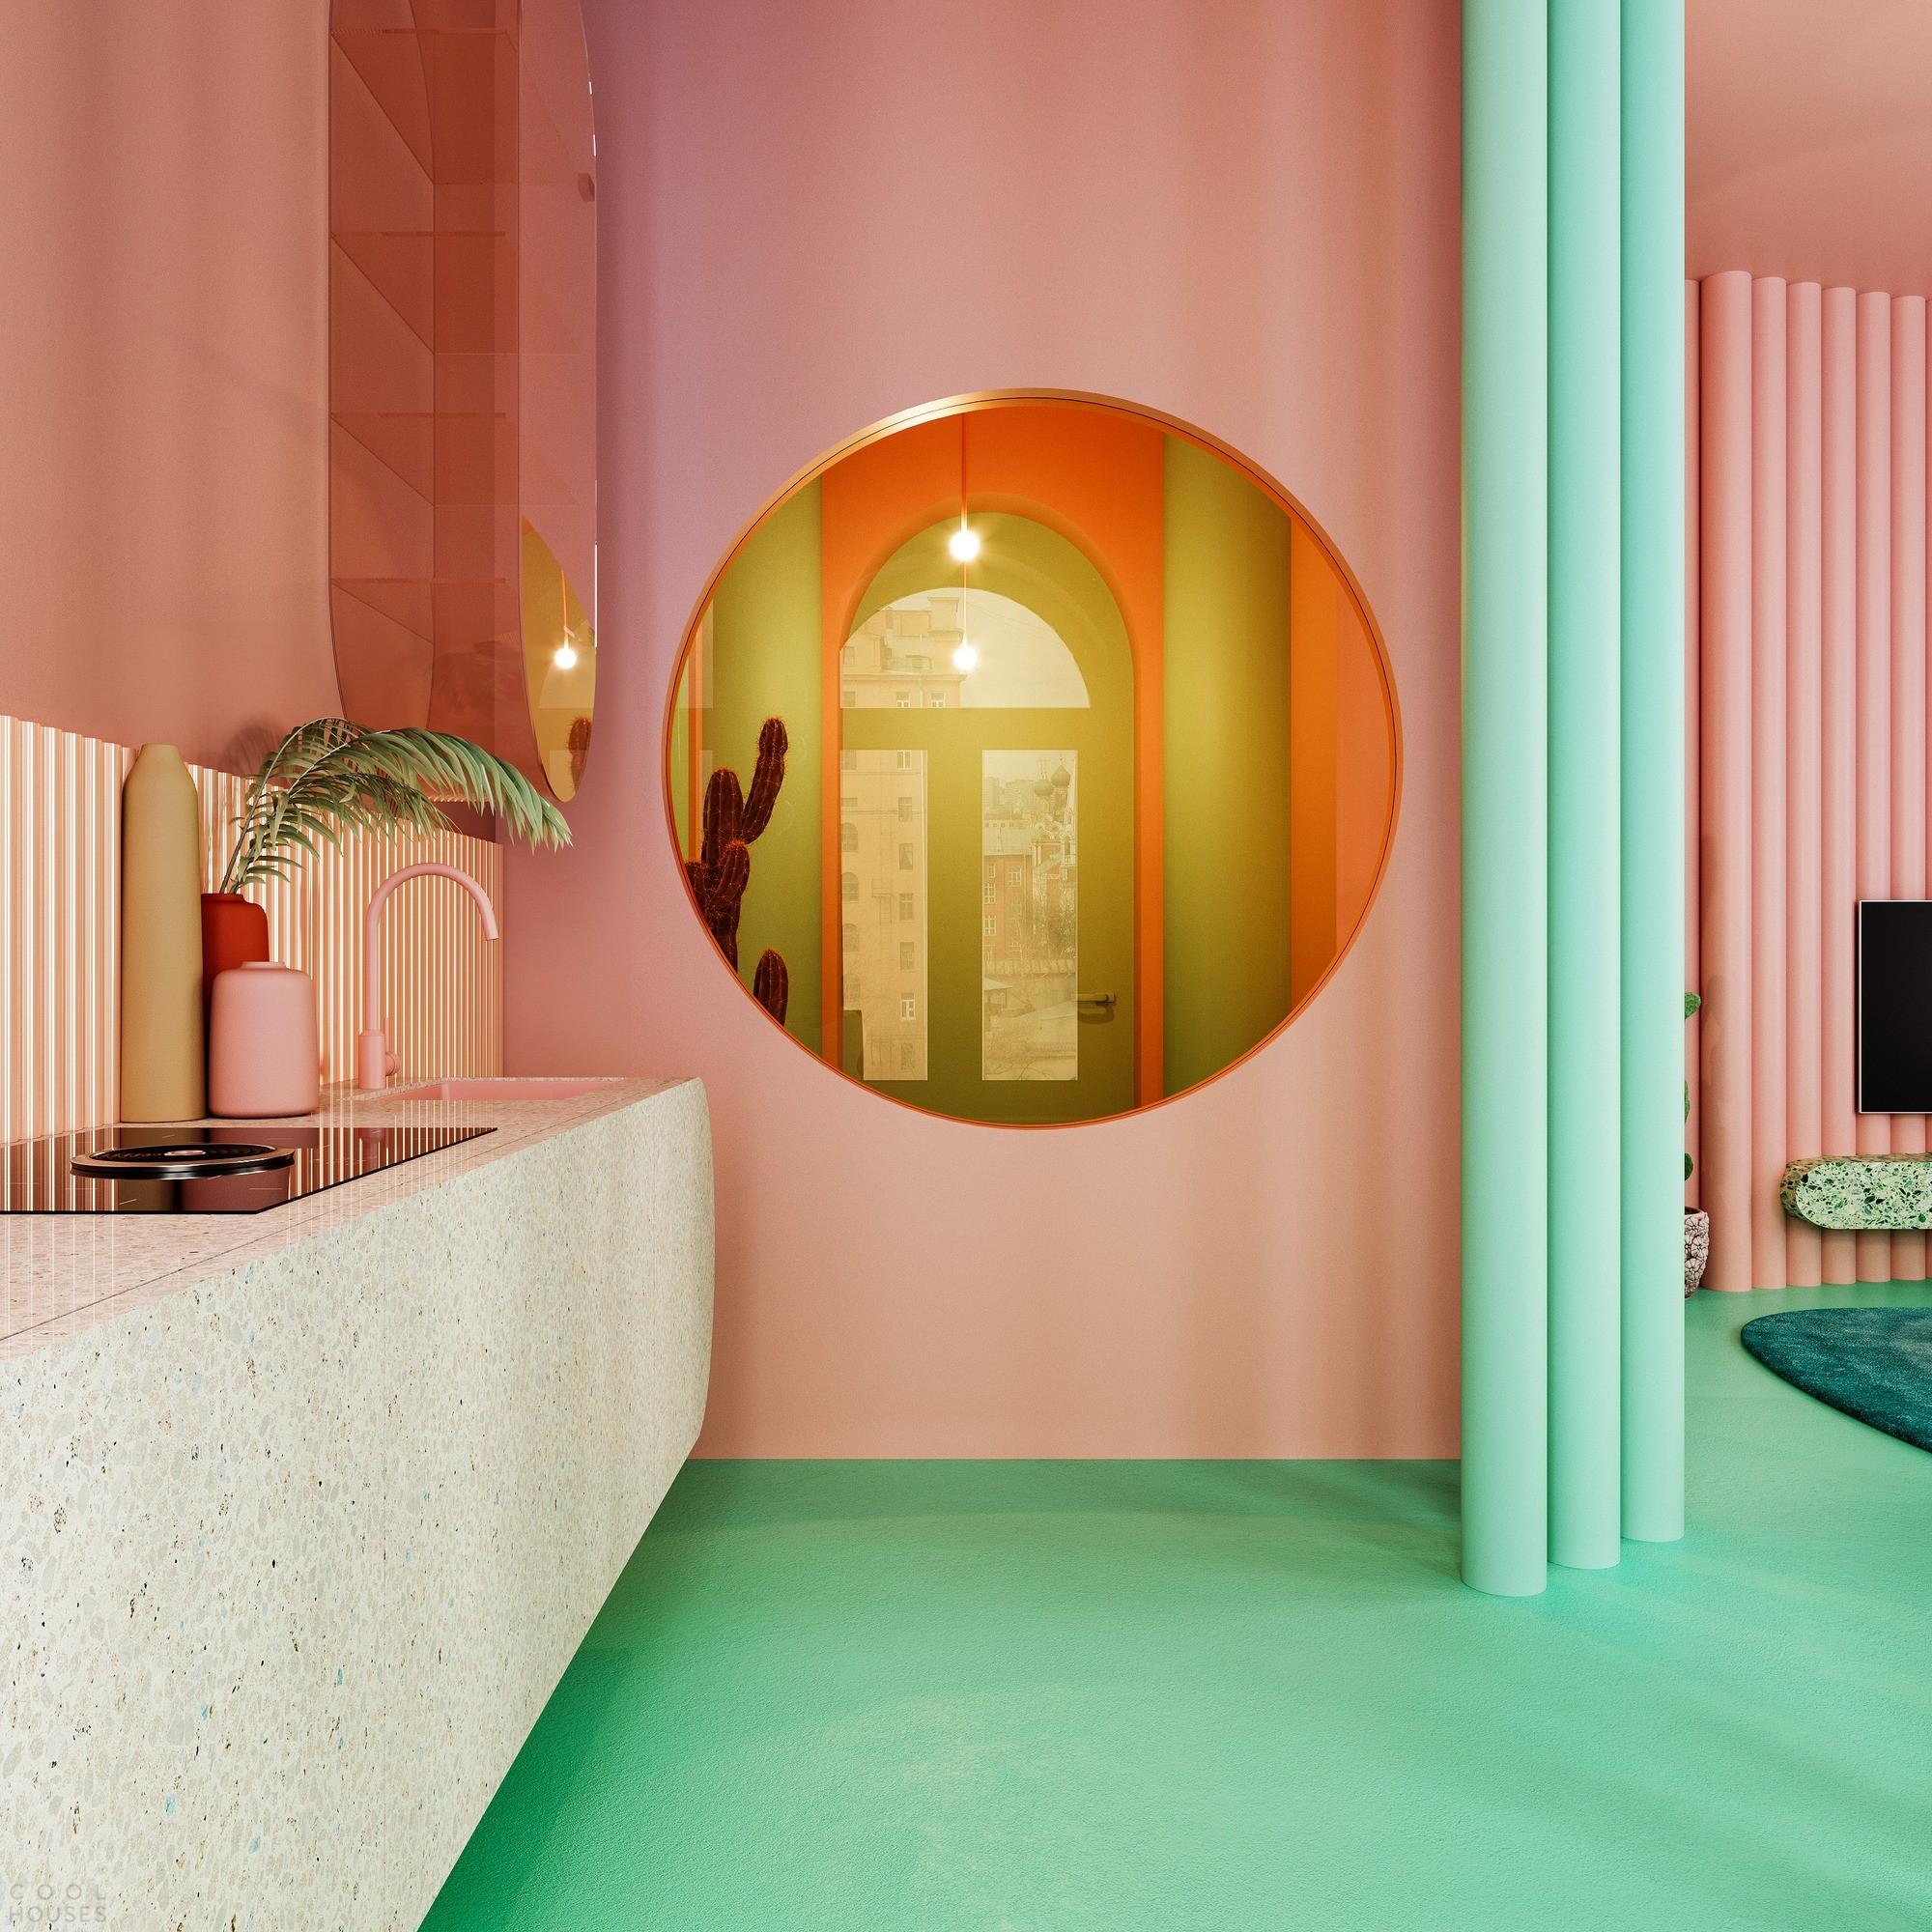 Апартаменты будущего, вдохновленные яркими мексиканскими красками